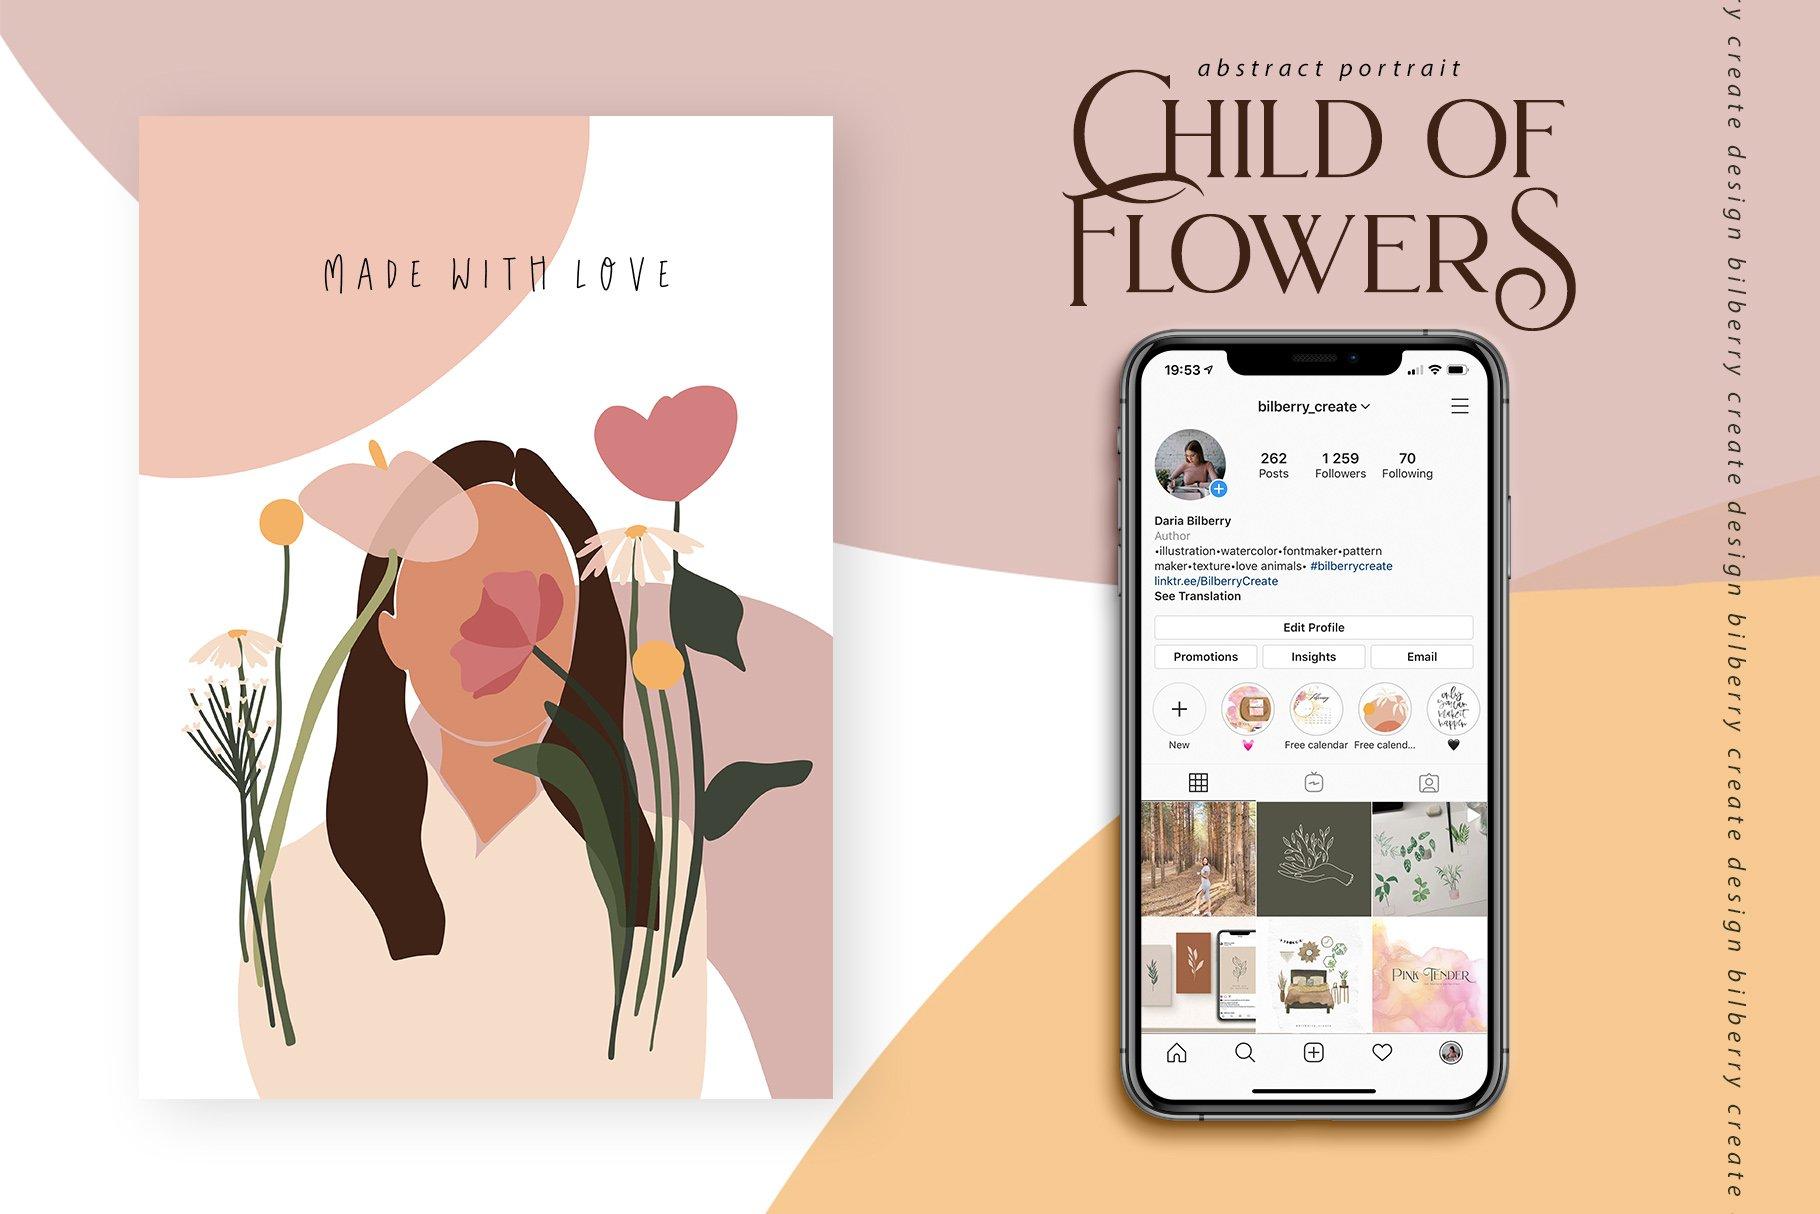 85多个抽象女孩风景形状矢量图案素材 Child Of Flowers Abstract Portrait插图(15)